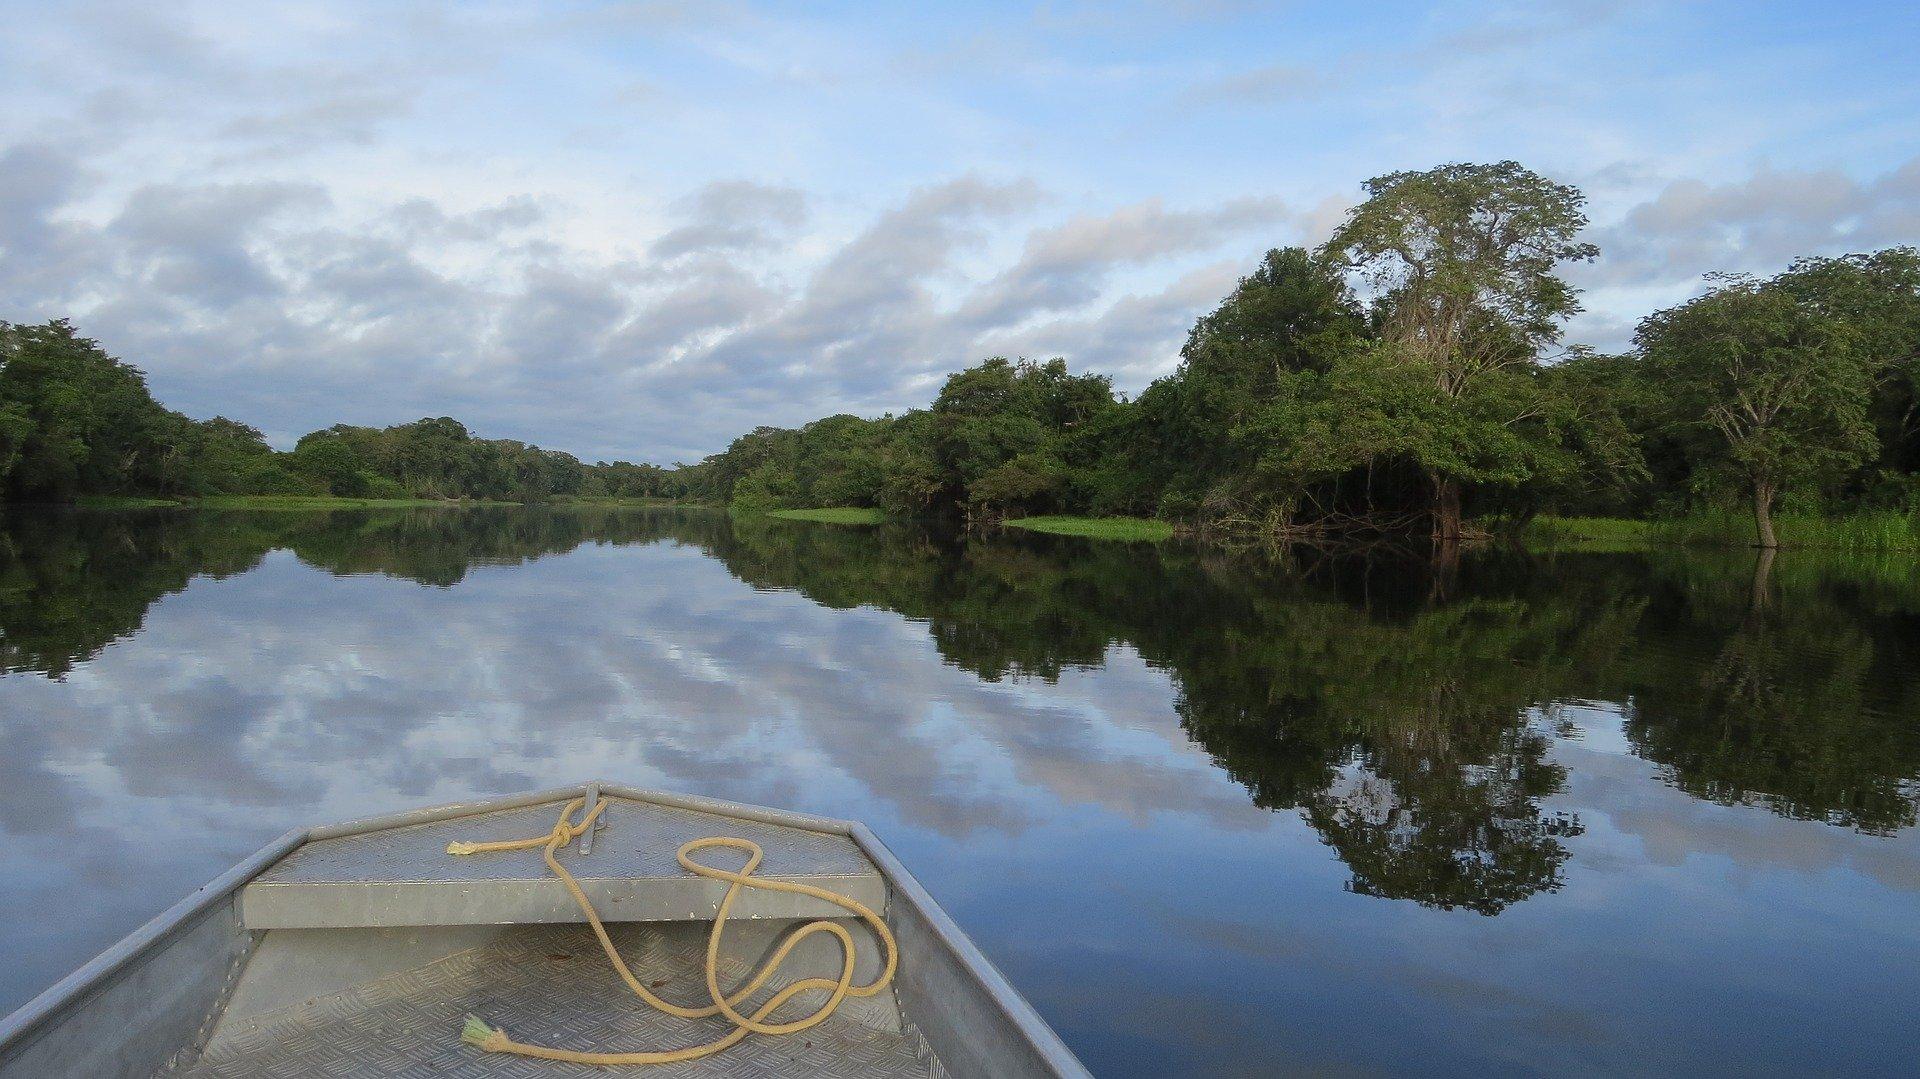 O VI Congresso propõe debates sobre assuntos ambientais e principalmente questões relacionadas à Pan-Amazônia.